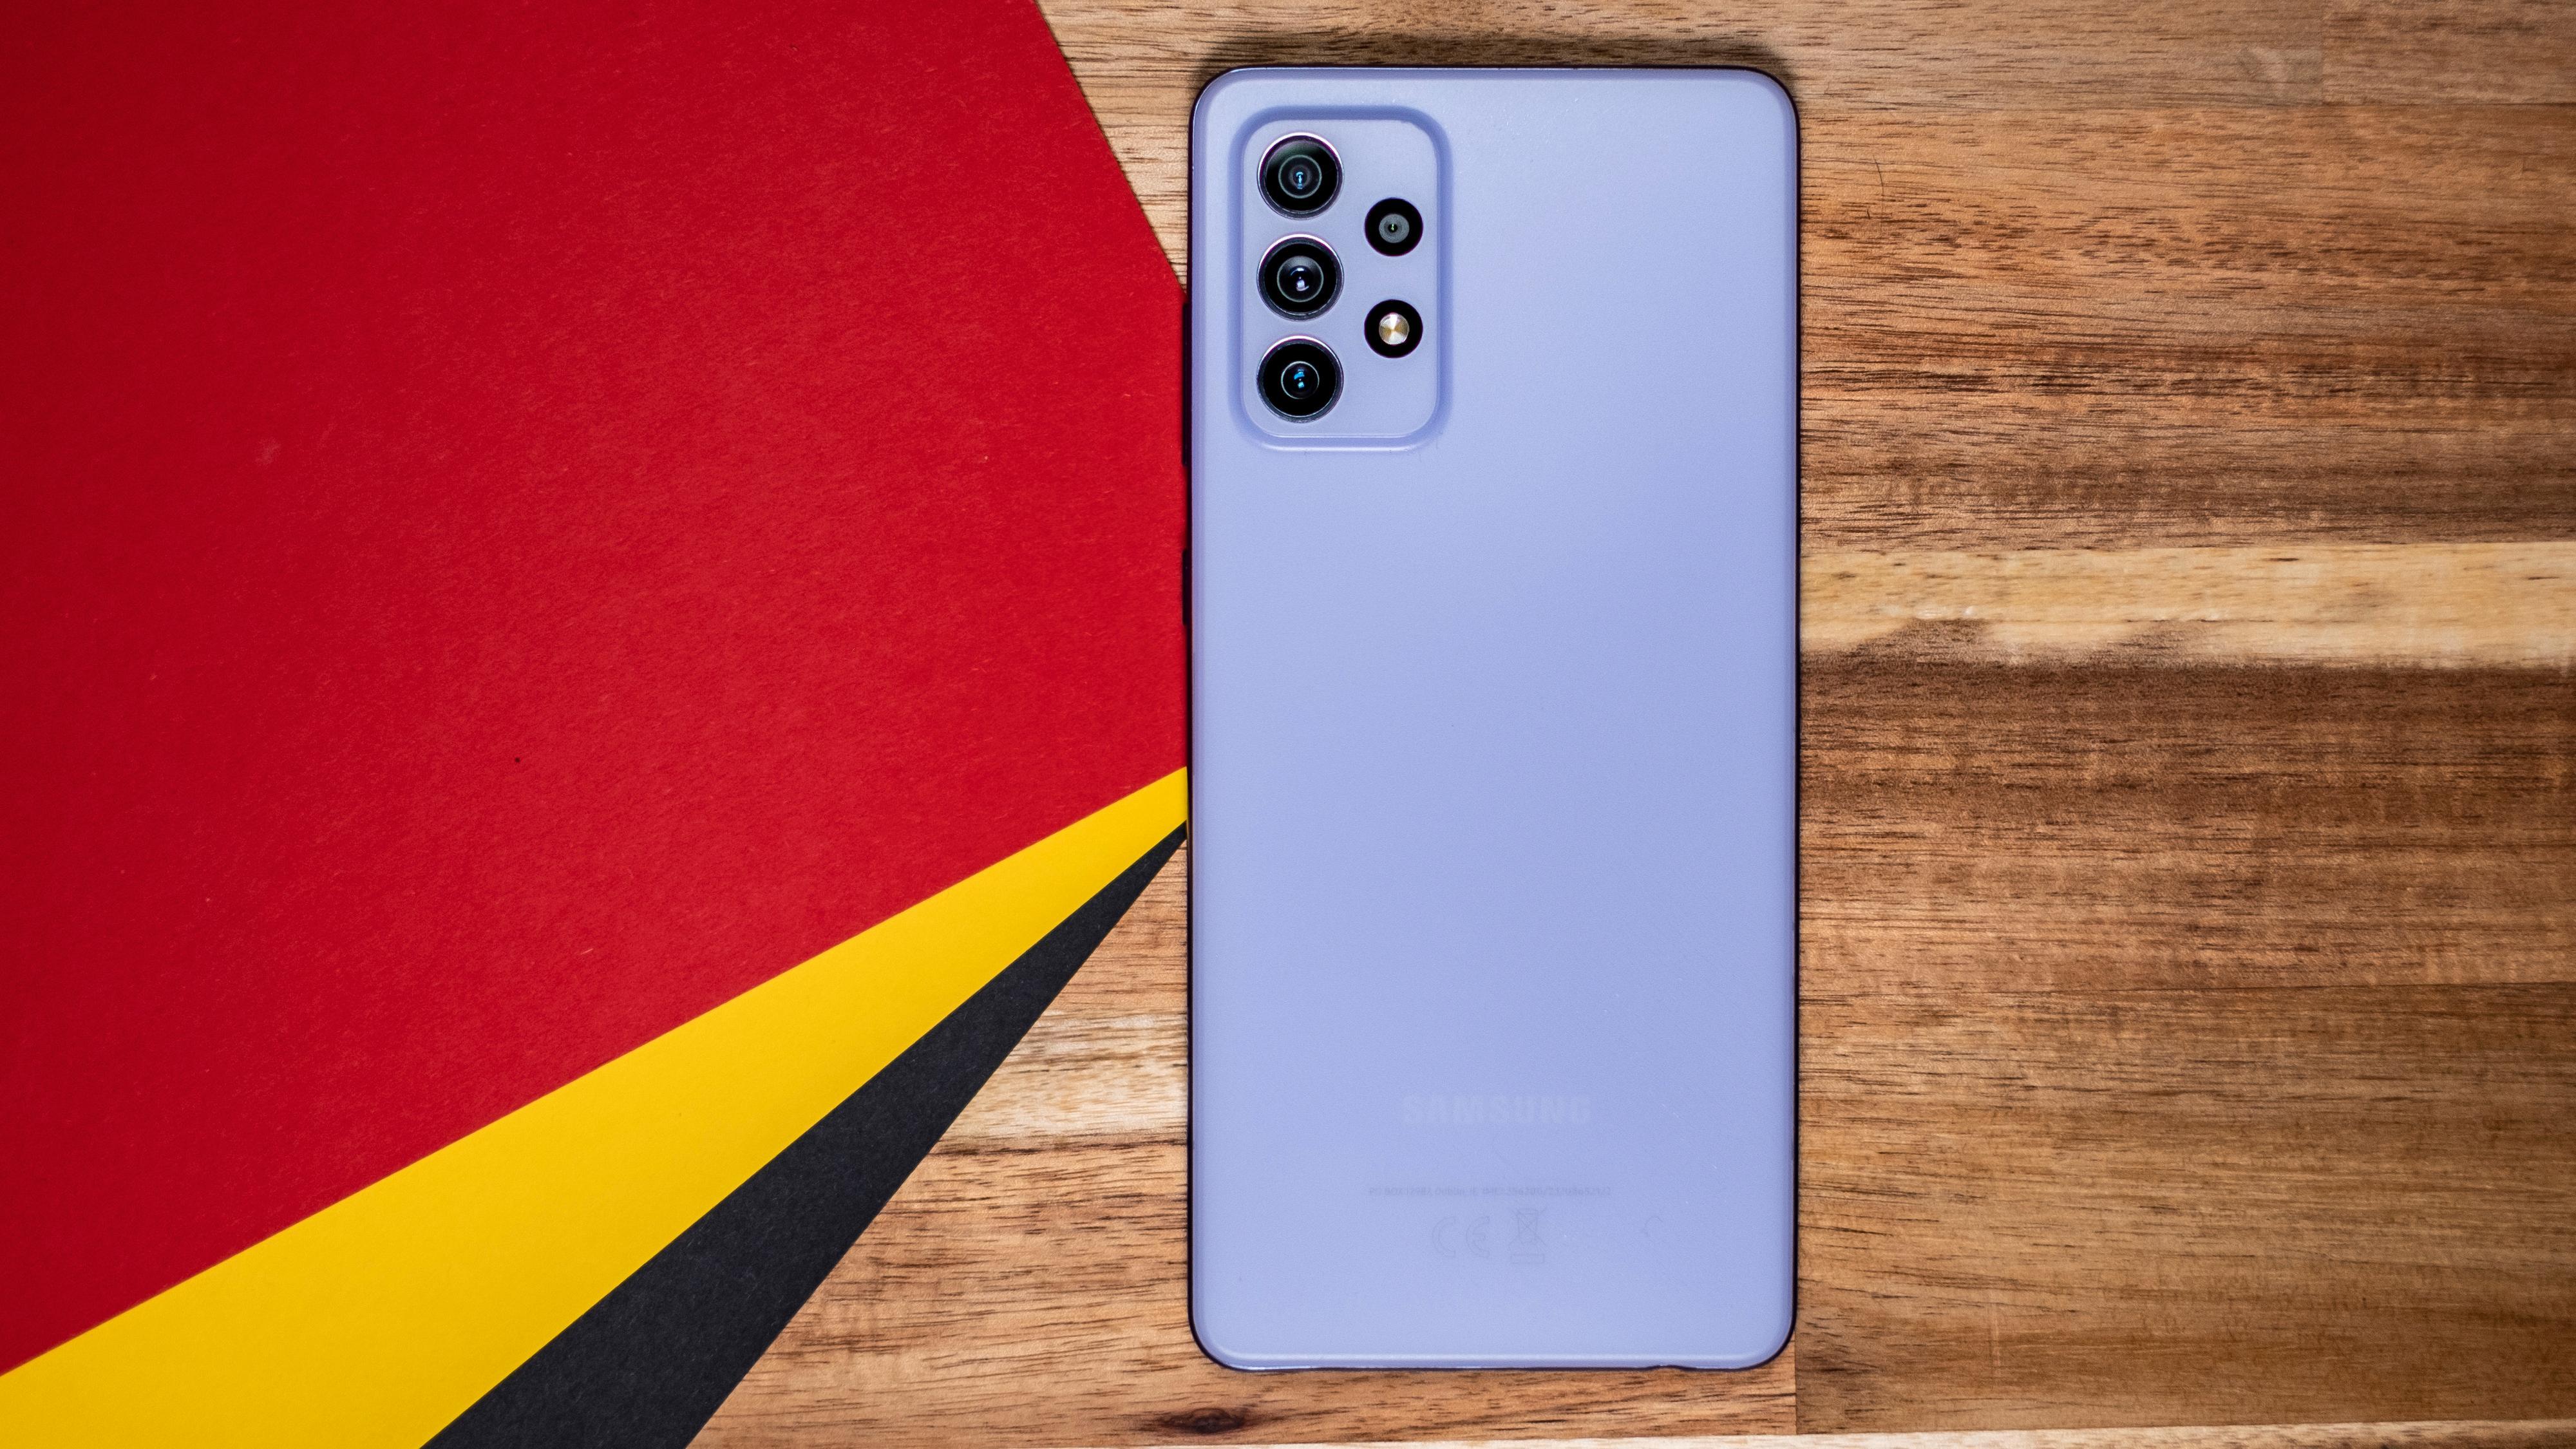 Minimalistisk design møter artige farger. Svak ytelse møter greit kamera. A72 er en litt vanskelig telefon å plassere. Men en relativt høy pris på 5000 kroner gjør at den ikke stiller fremst i konkurransen.